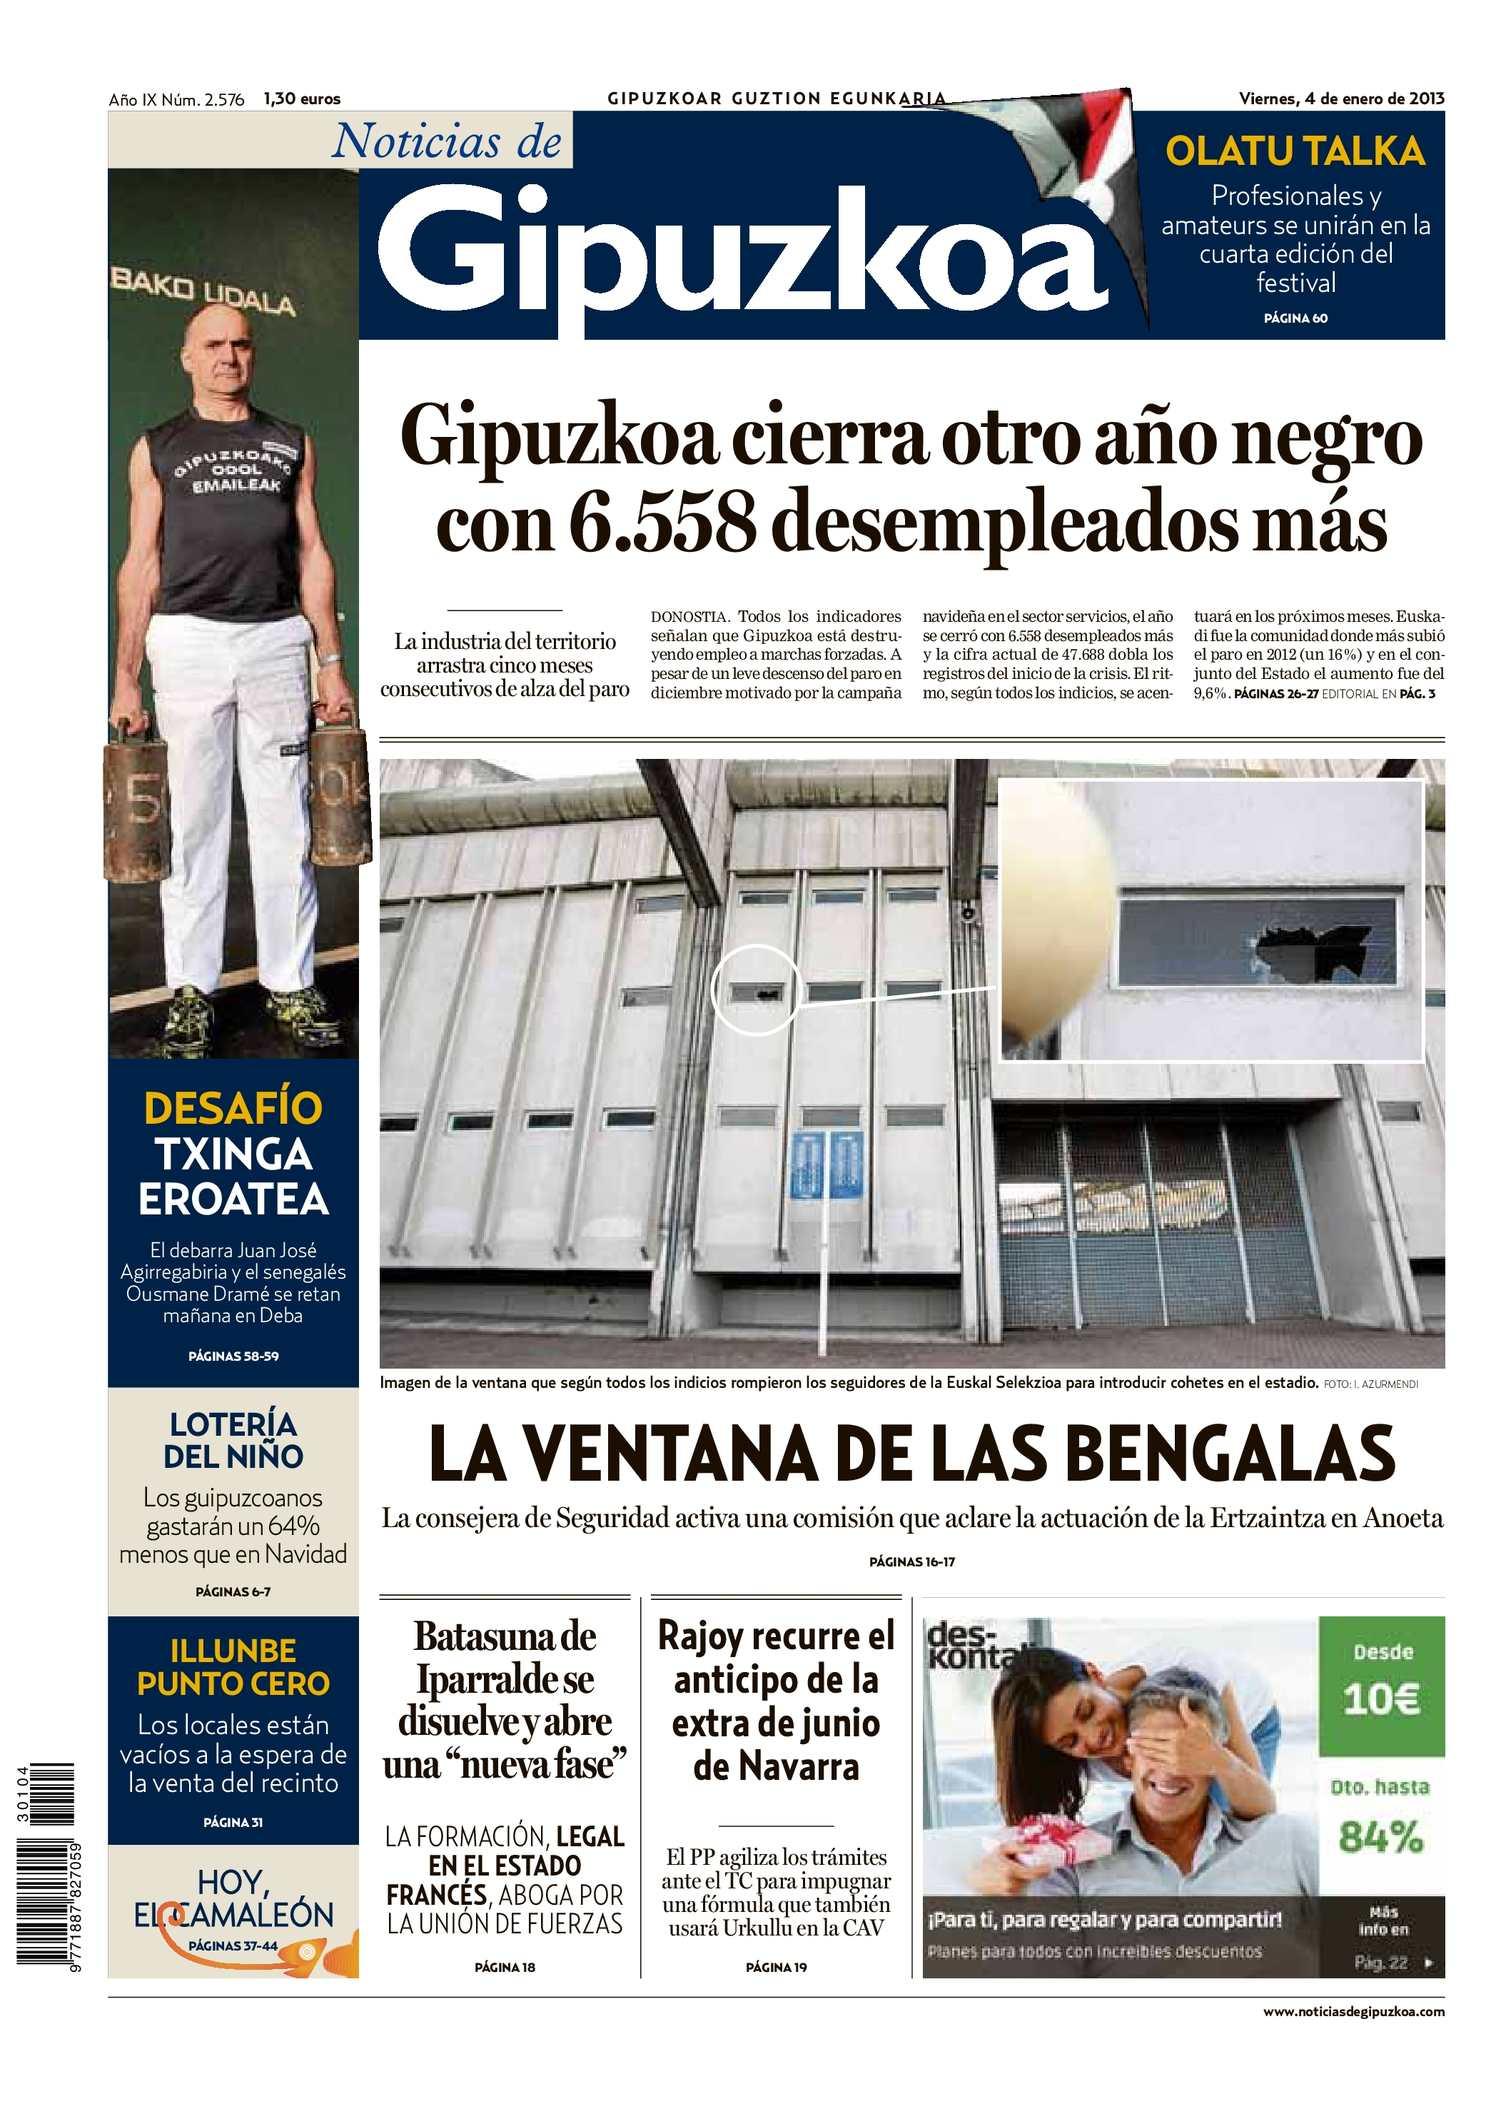 752d9cd5ef Calaméo - Noticias de Gipuzkoa 20130104